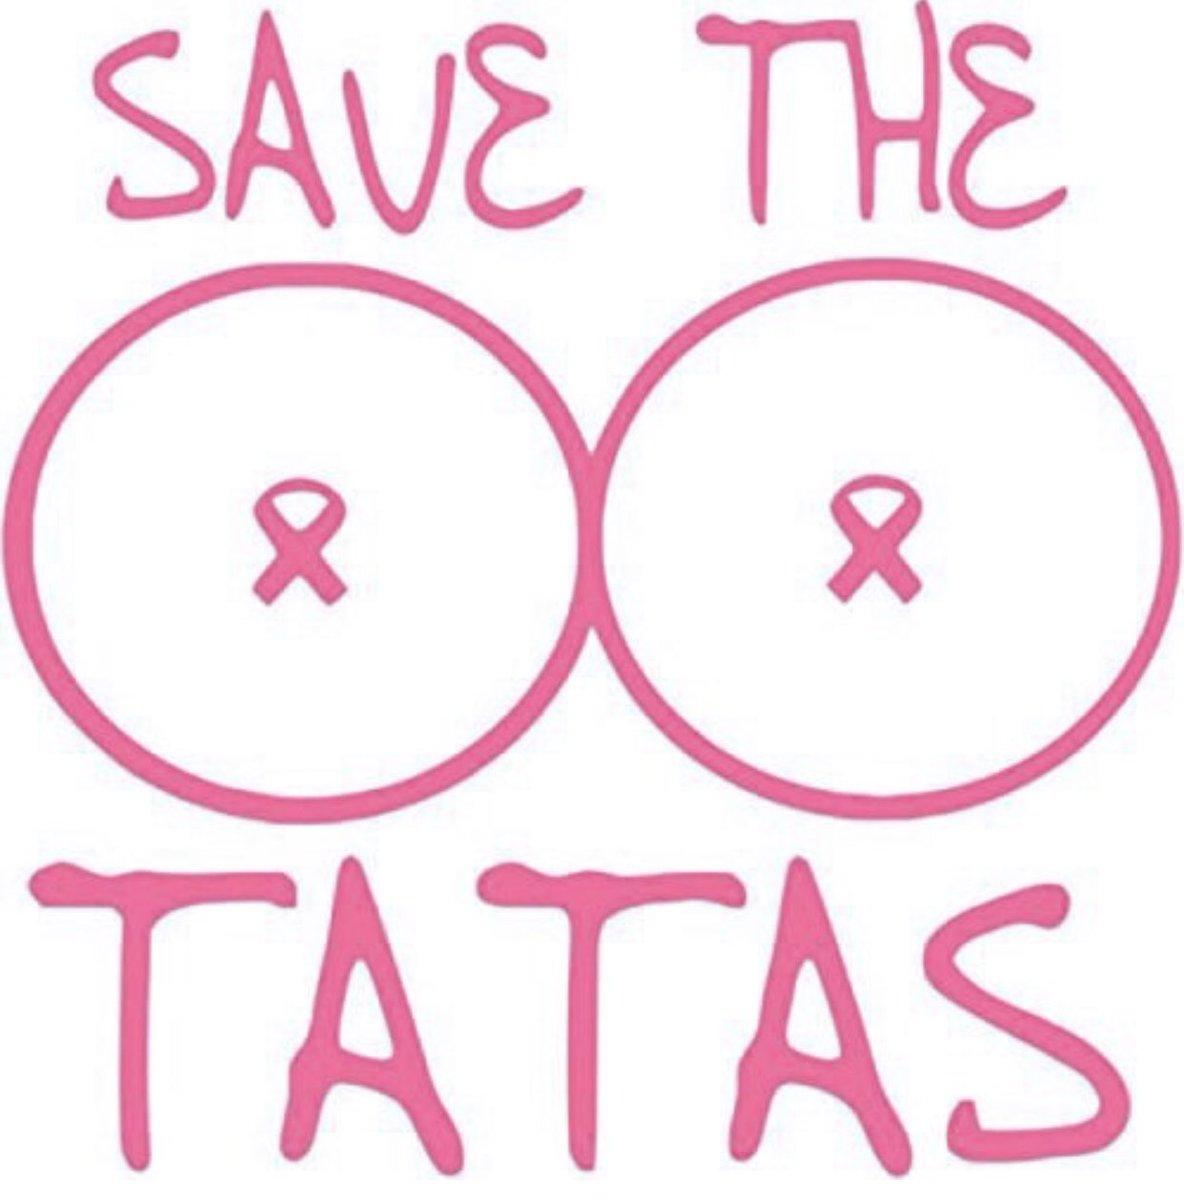 Tempting tatas accessories